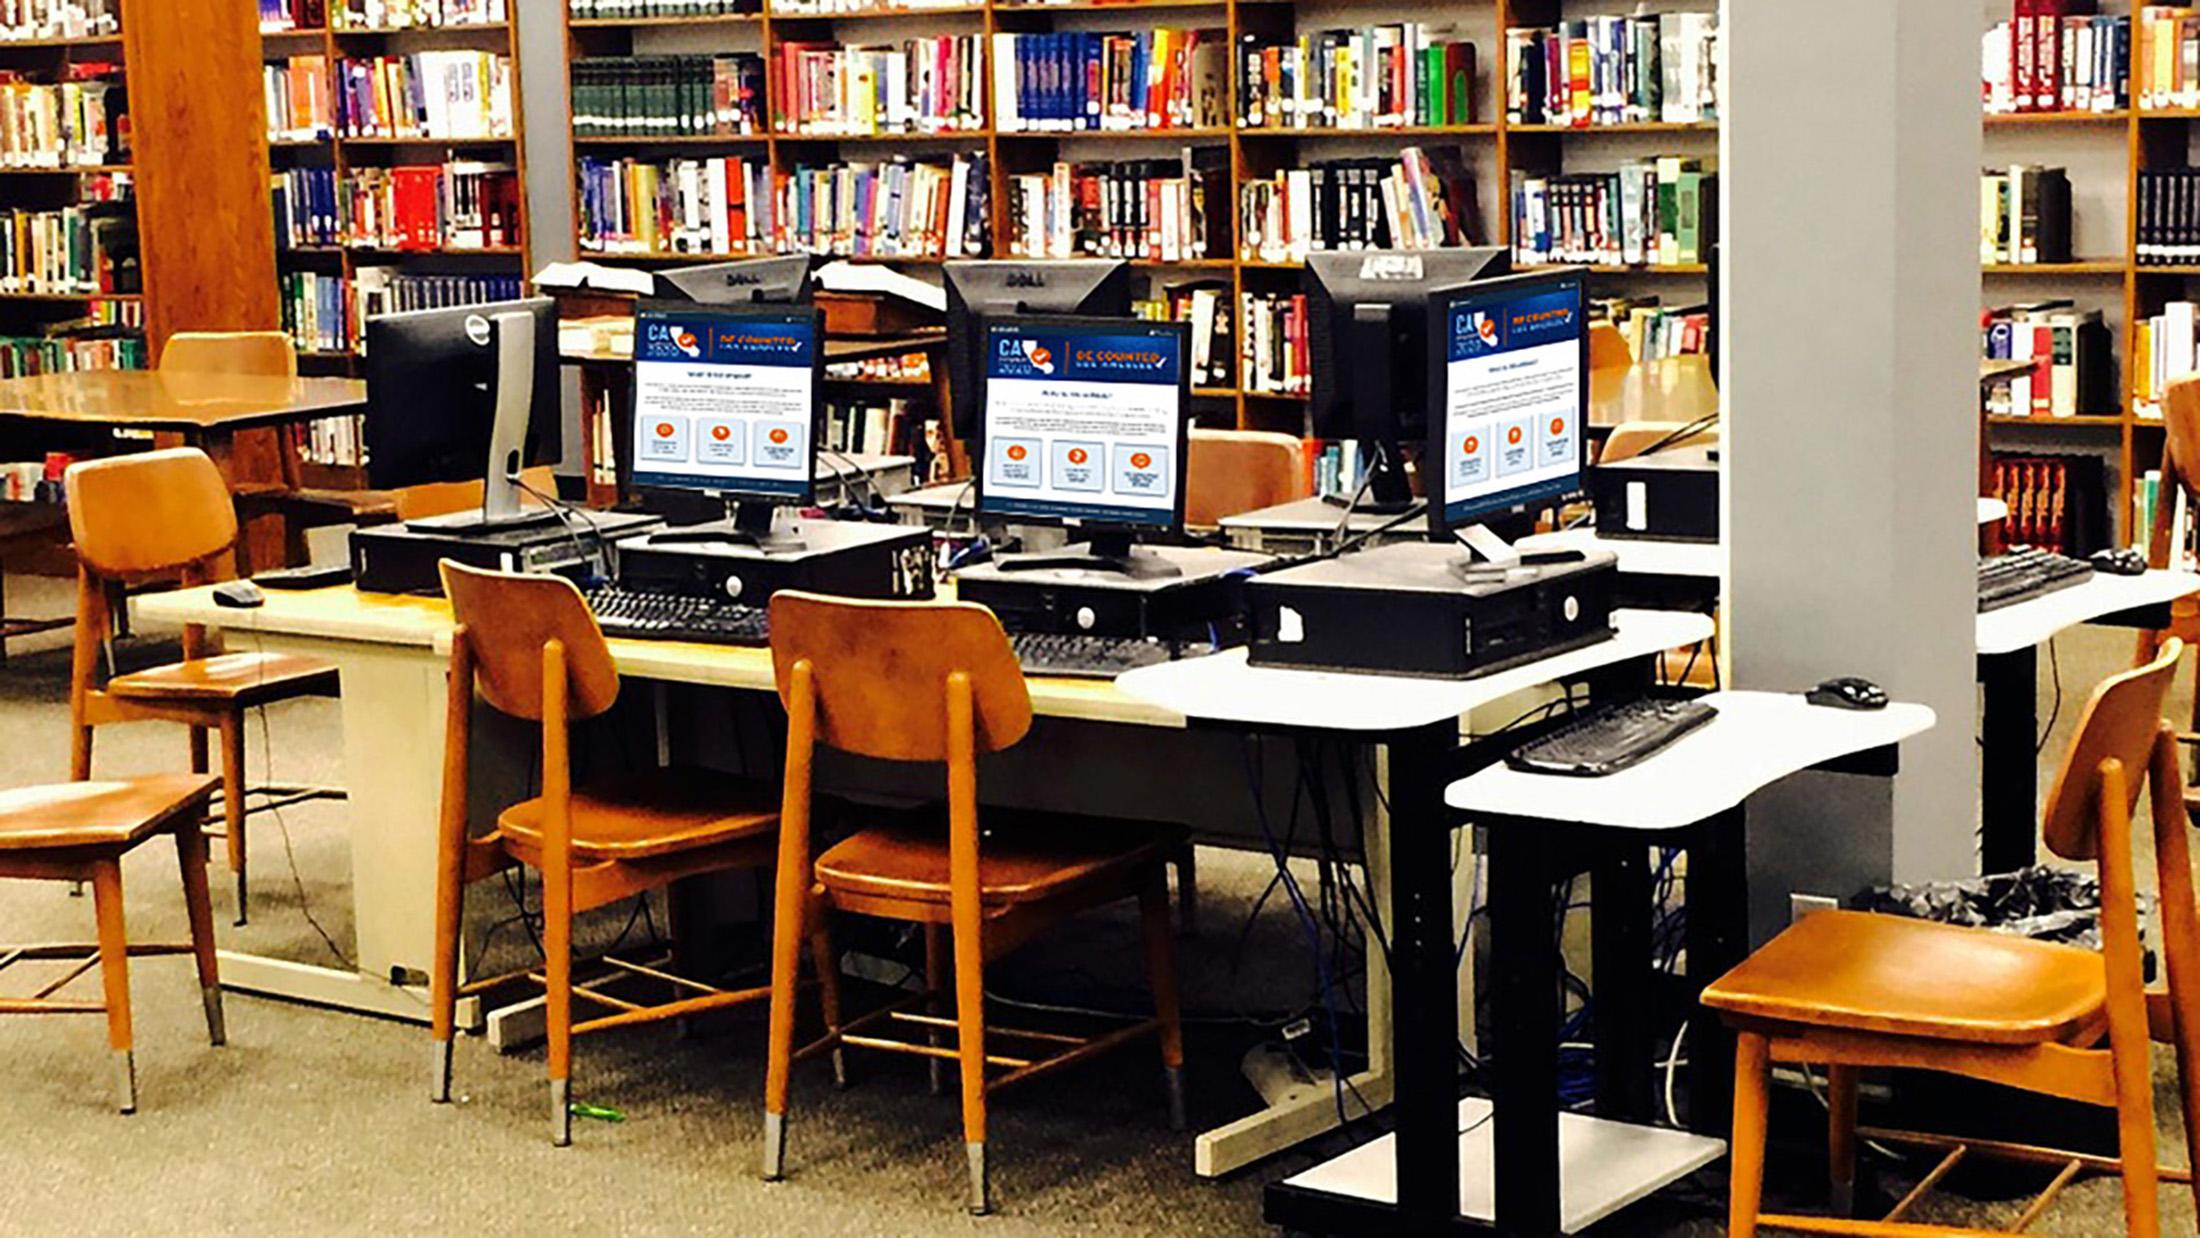 แบนเนอร์รูปพื้นที่ในห้องสมุด มีคอมพิวเตอร์ตั้งโต๊ะหลายเครื่อง บนหน้าจอขึ้นเป็นโลโก้รูปแผนที่รัฐแคลิฟอร์เนีย พร้อมข้อความการจัดทำสำมะโนประชากรในปี 2020 Be Counted Los Angeles